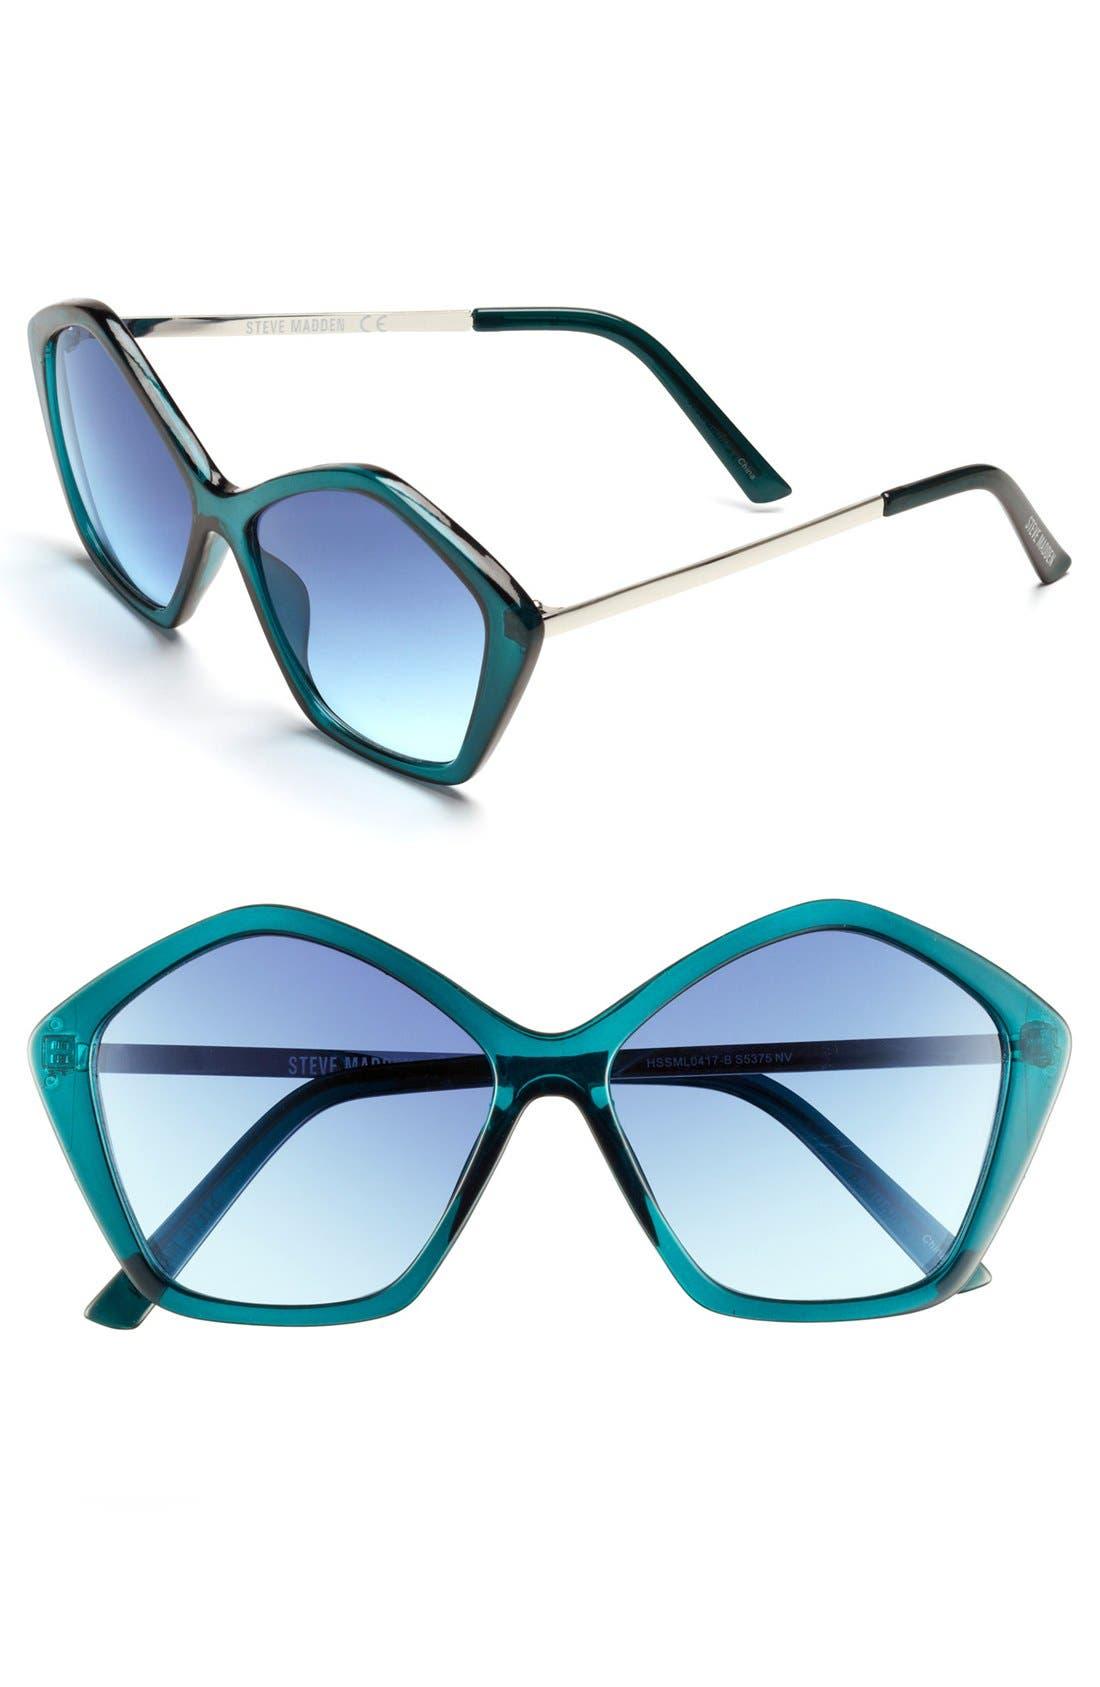 Main Image - Steve Madden 56mm Sunglasses